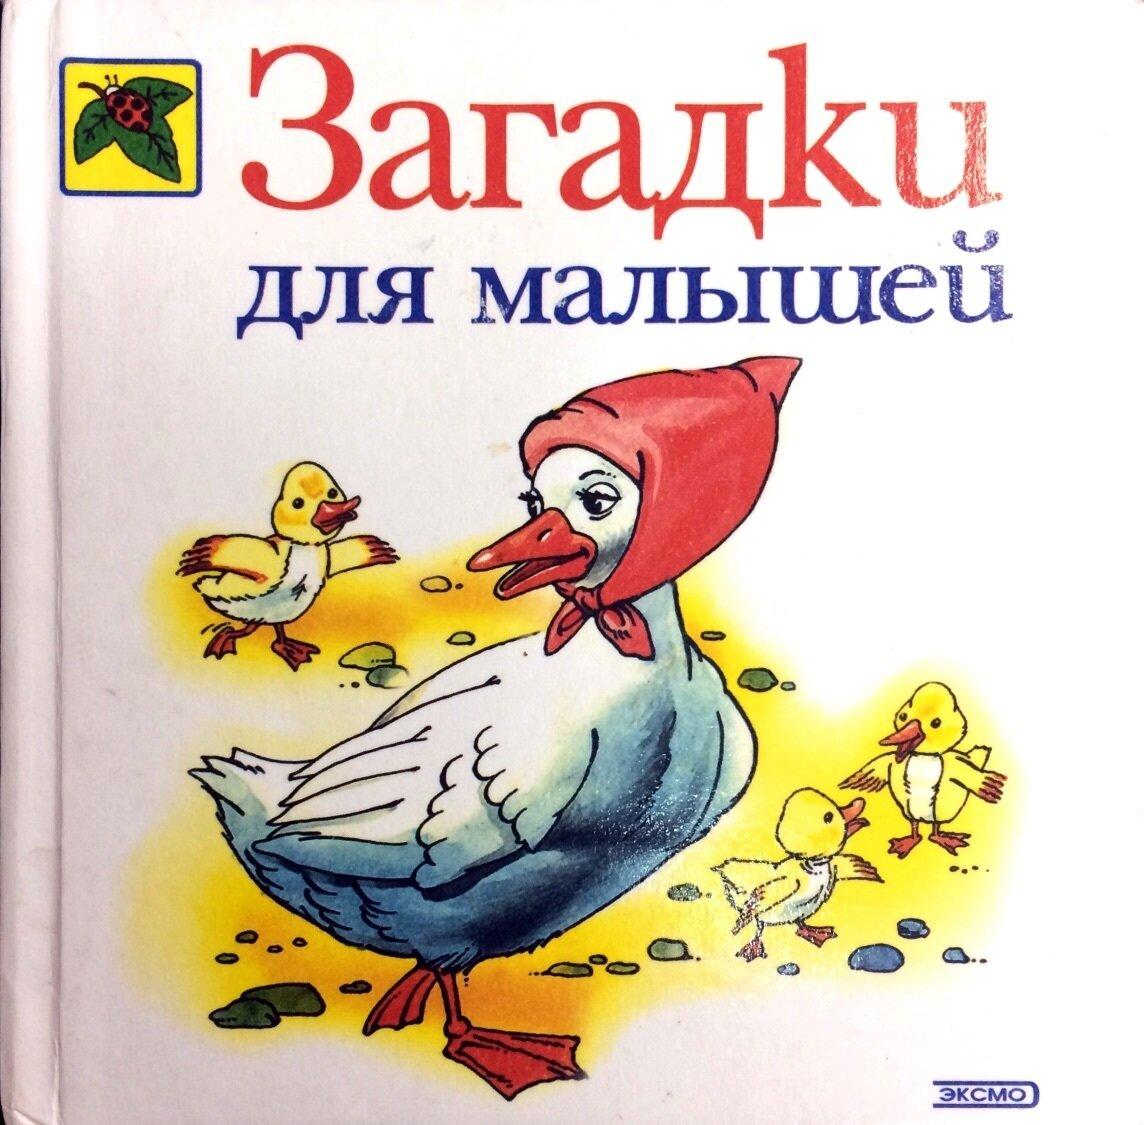 Загадки для малышей; Л. Кондрашова (ред.)